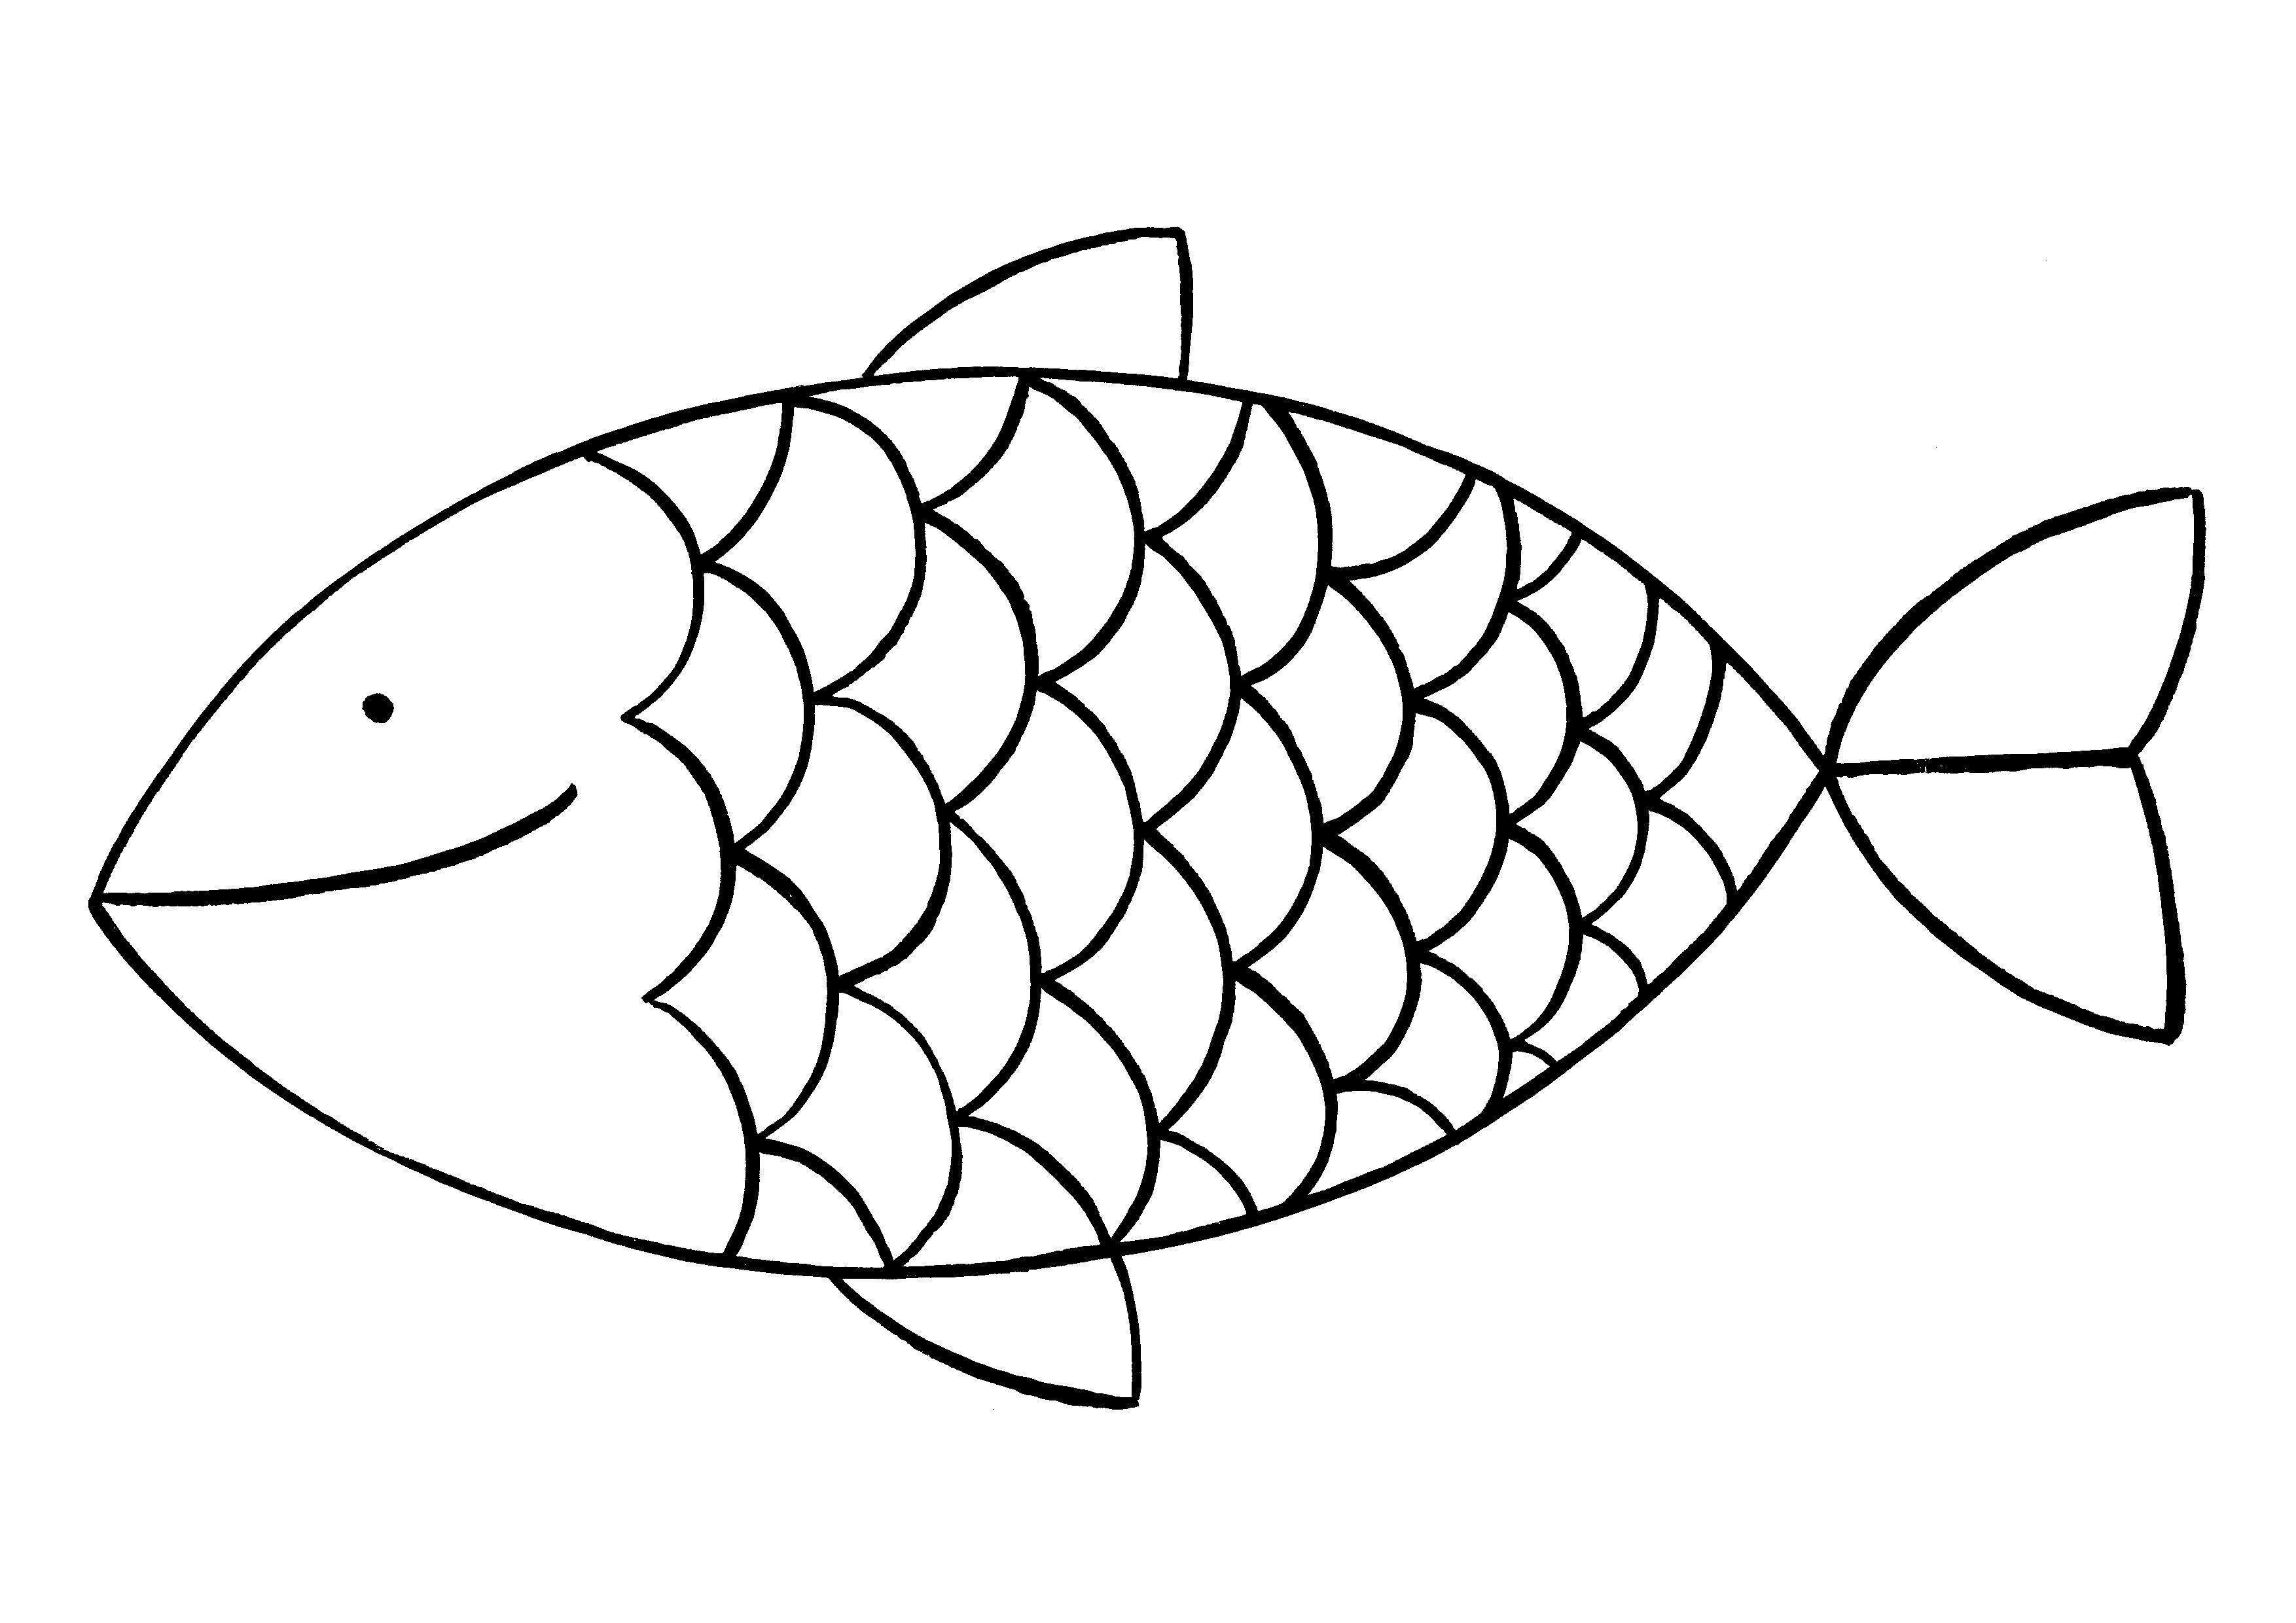 unique fische vorlagen färbung malvorlagen